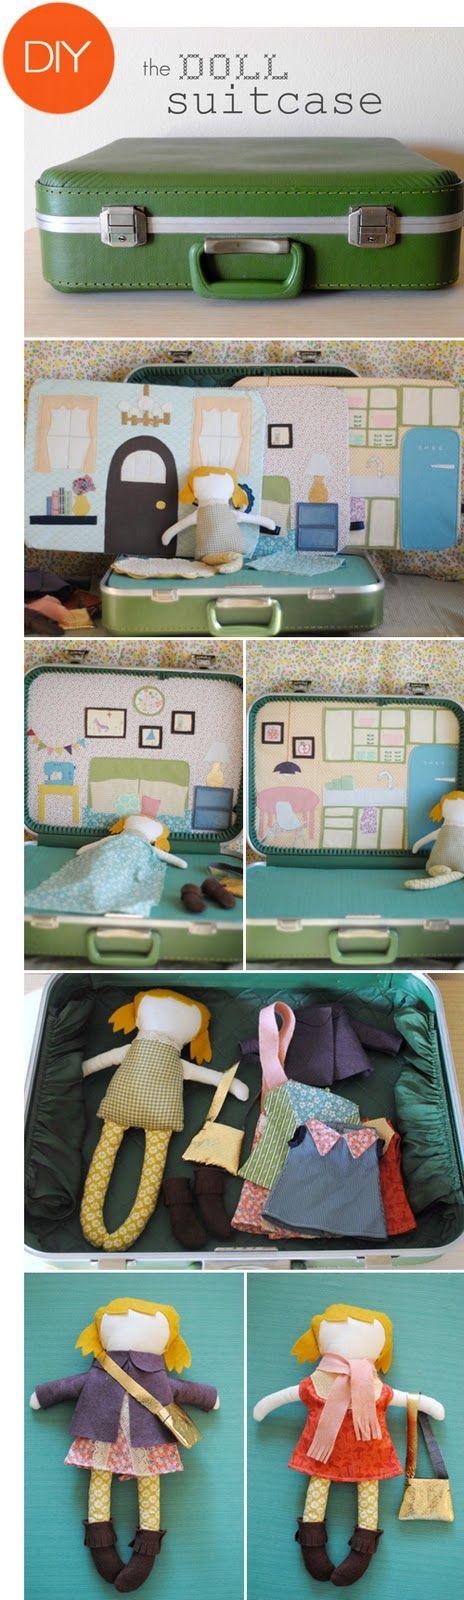 DIY Dolly Suitcase